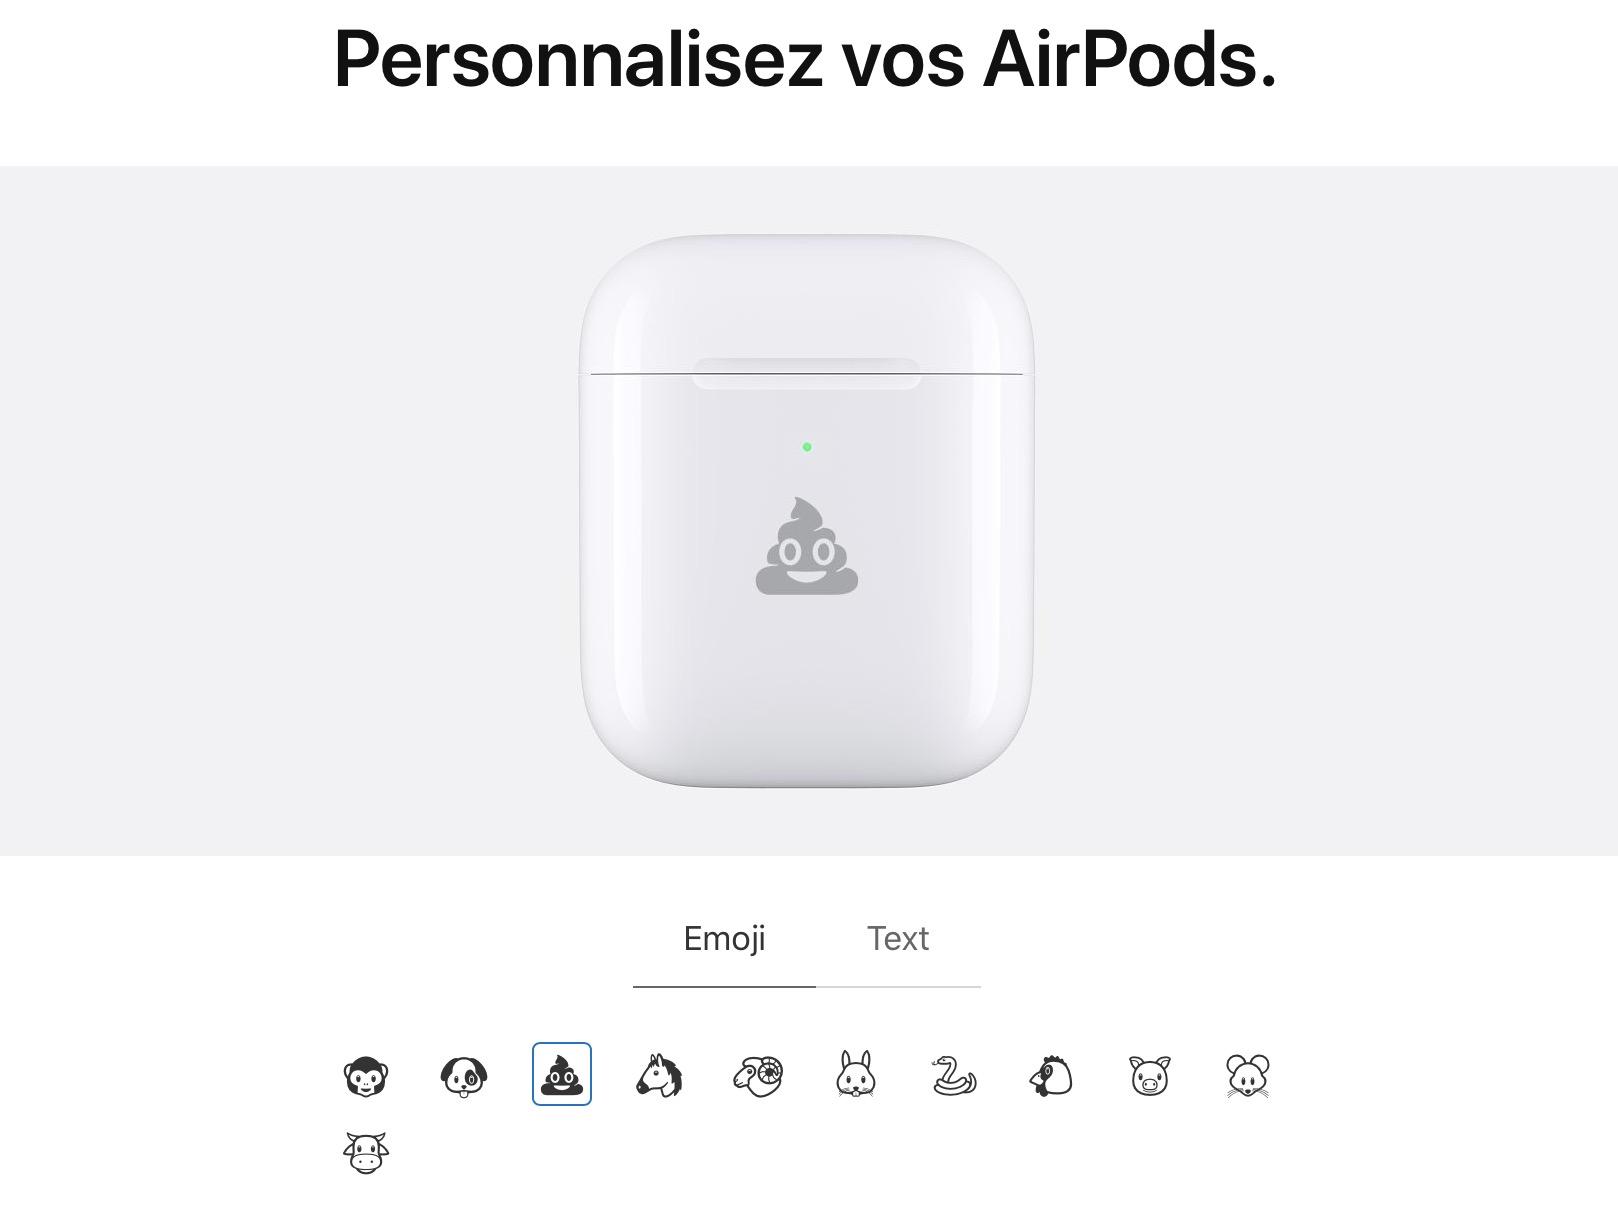 airpods pro gravure 5 - AirPods : vous pouvez désormais graver des émojis sur le boitier !